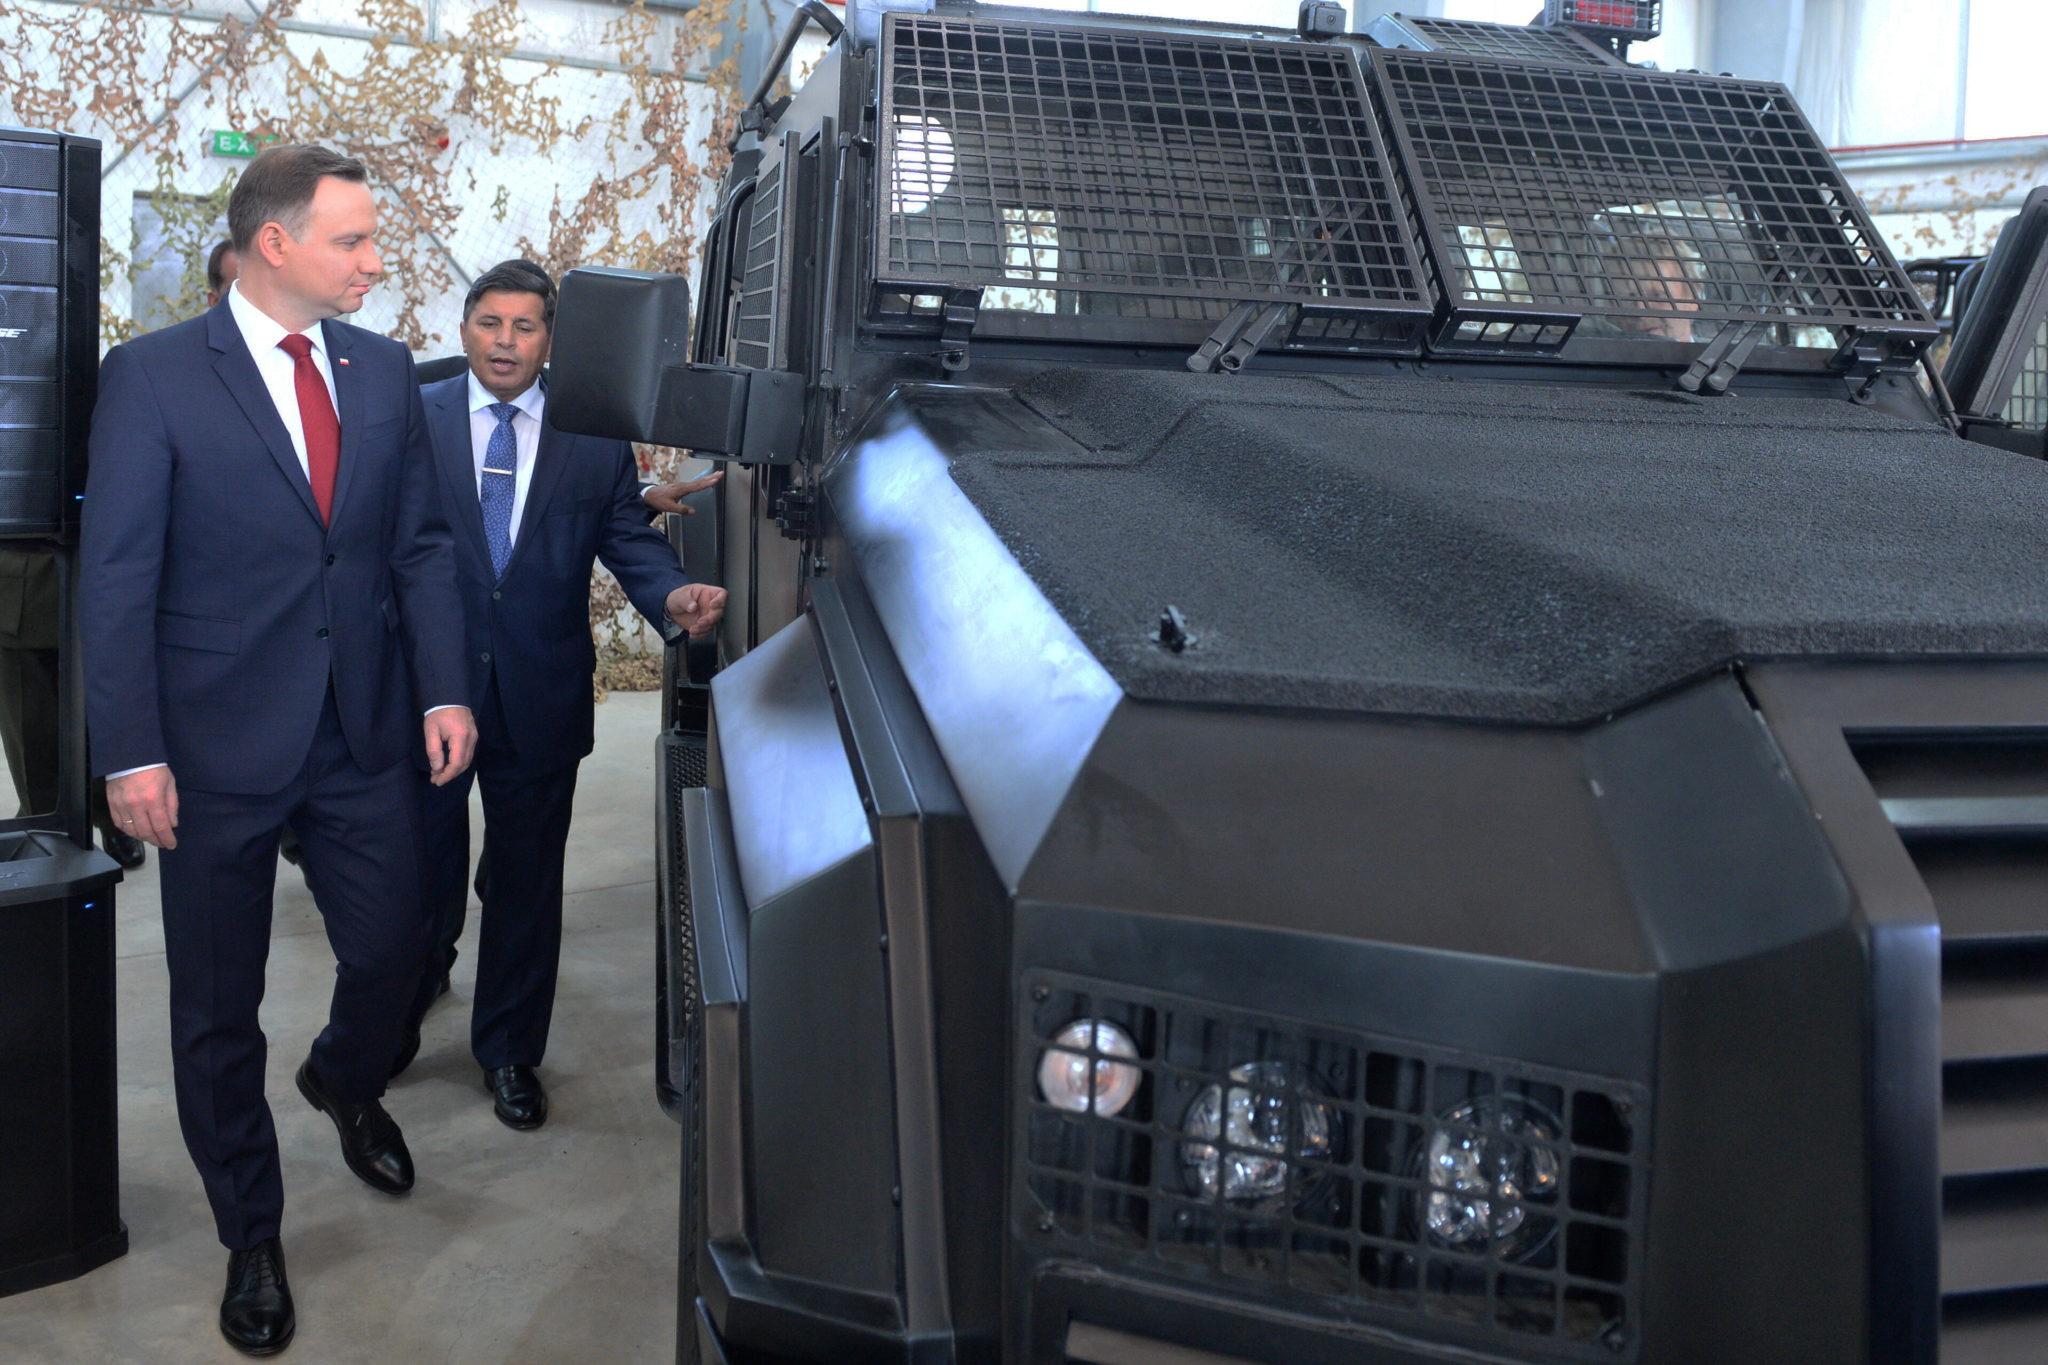 Jordania: wizyta prezydenta Andrzeja Dudy w Jordanii (foto. PAP/Jacek Turczyk)